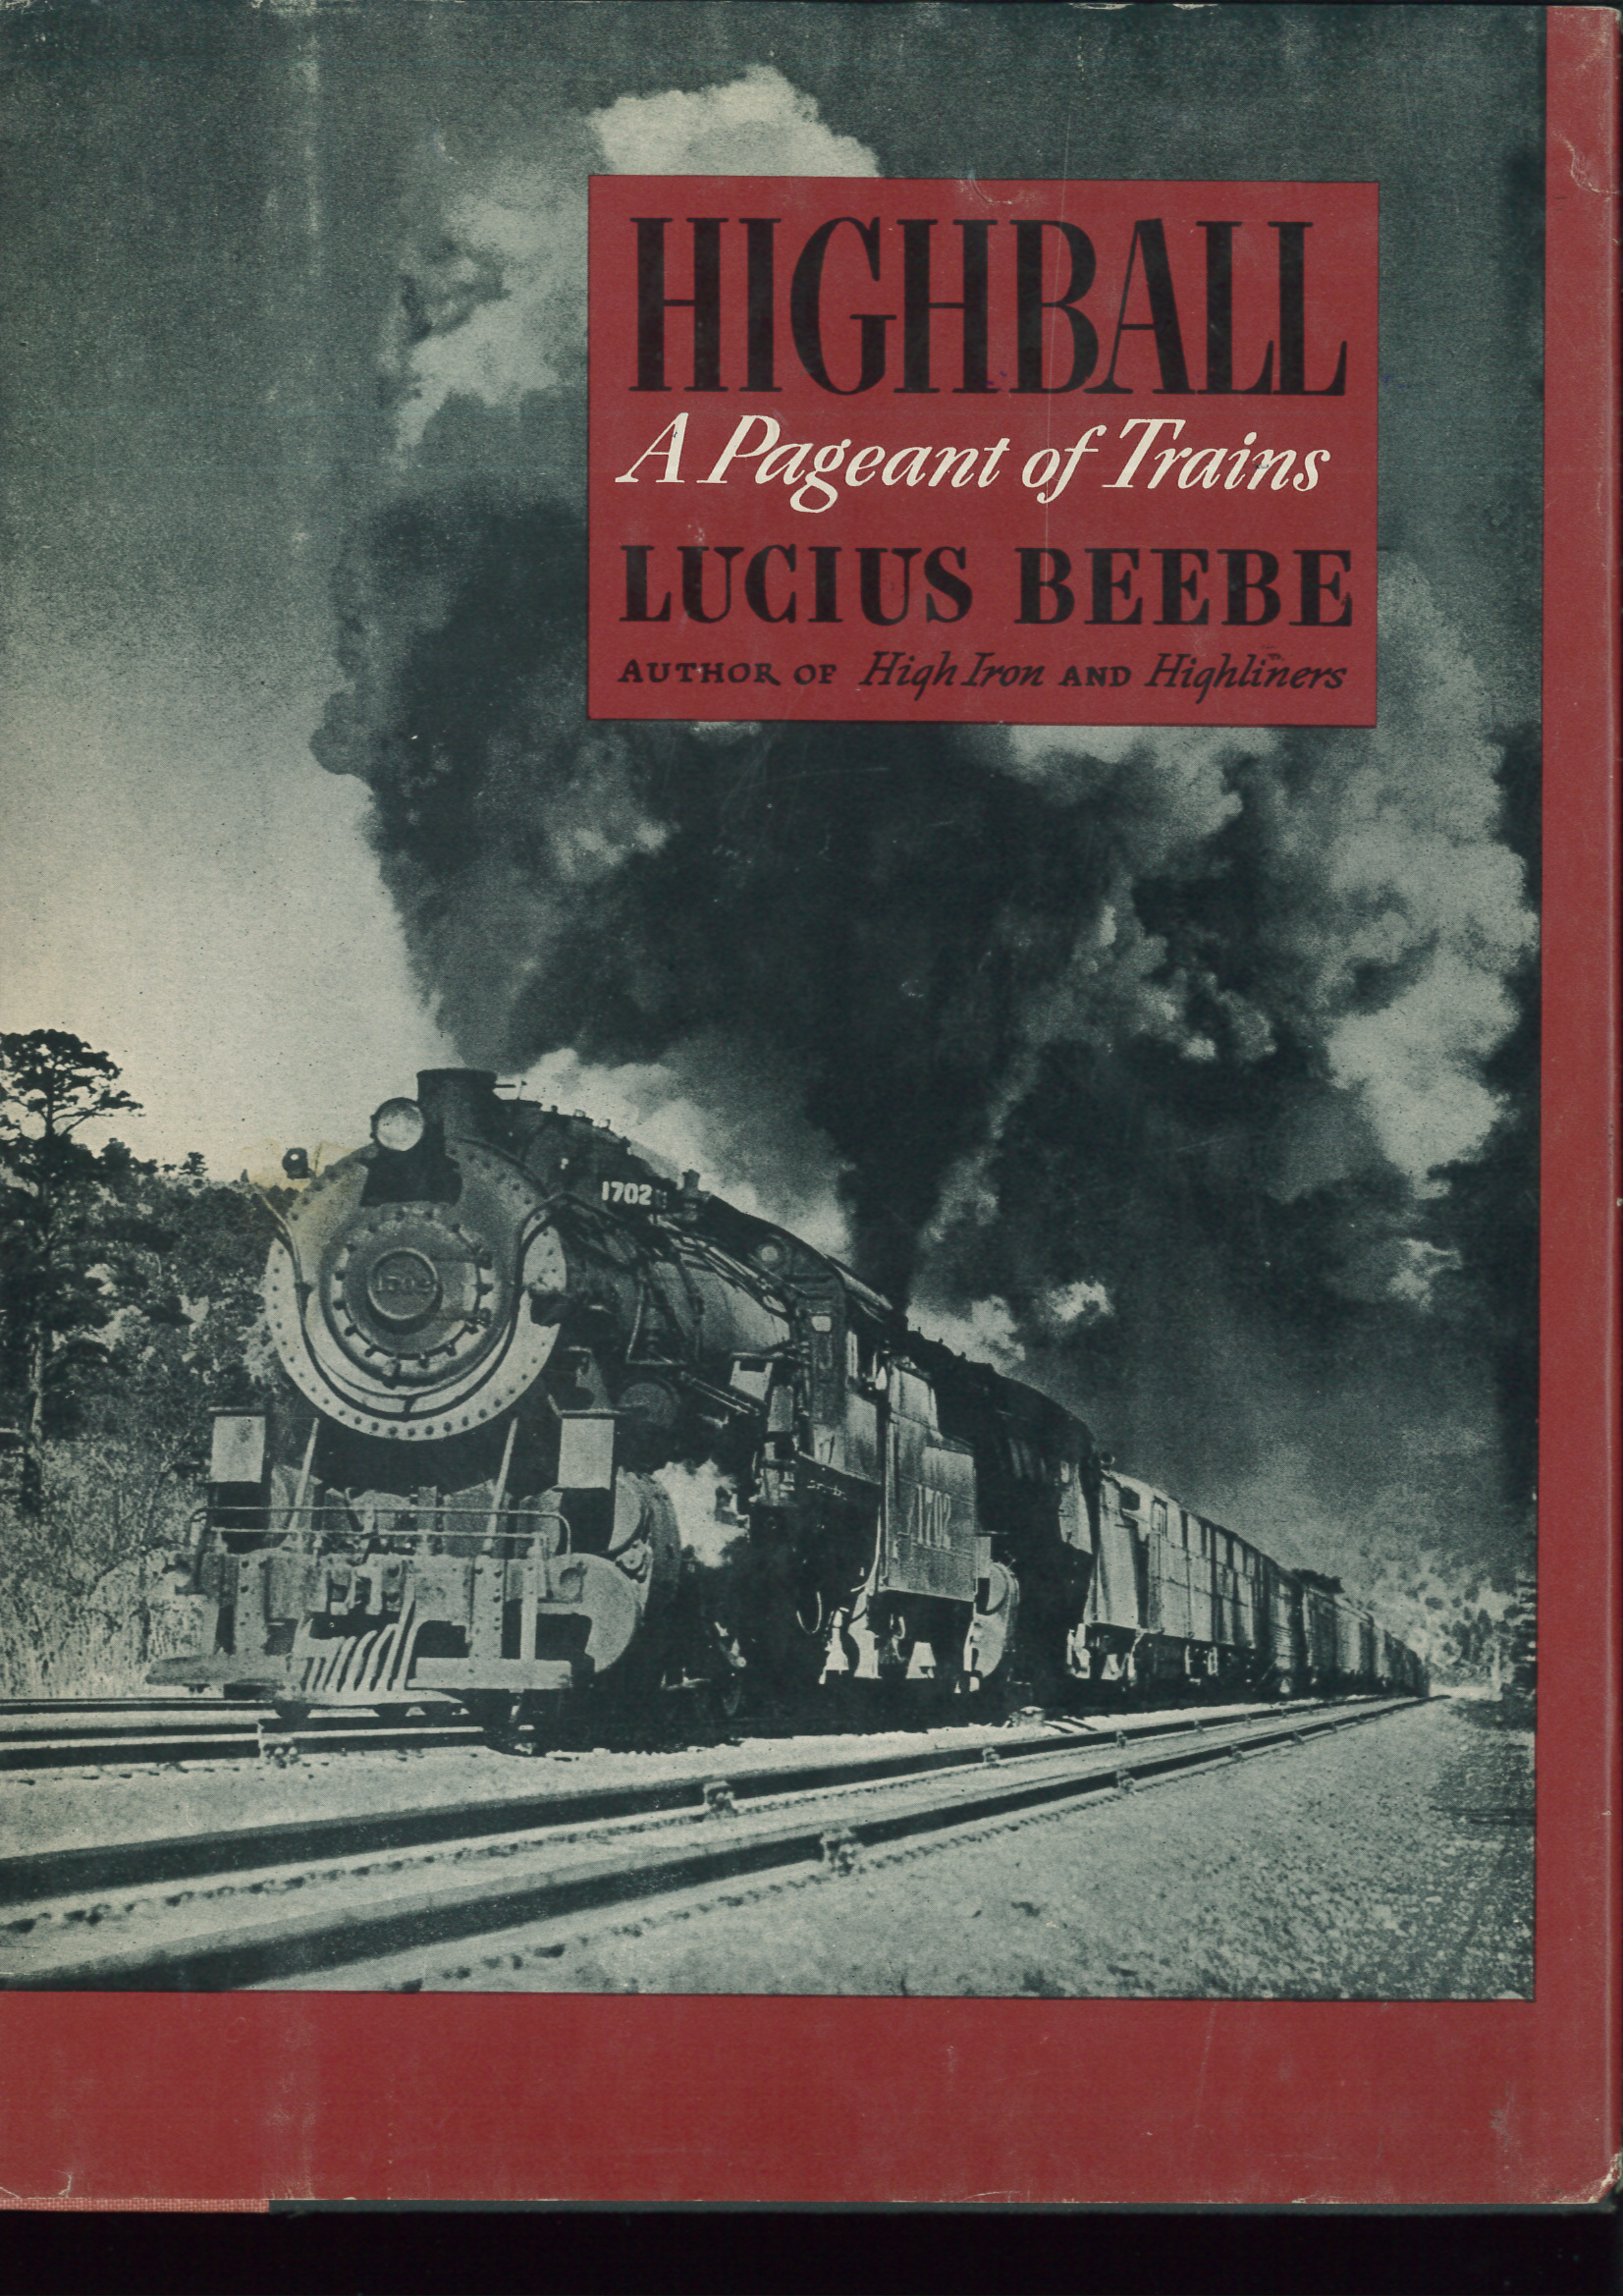 Highball - A Pageant of Trains  - Lucius Beebe | günstig bestellen bei Modelleisenbahn Center  MCS Vertriebs GmbH